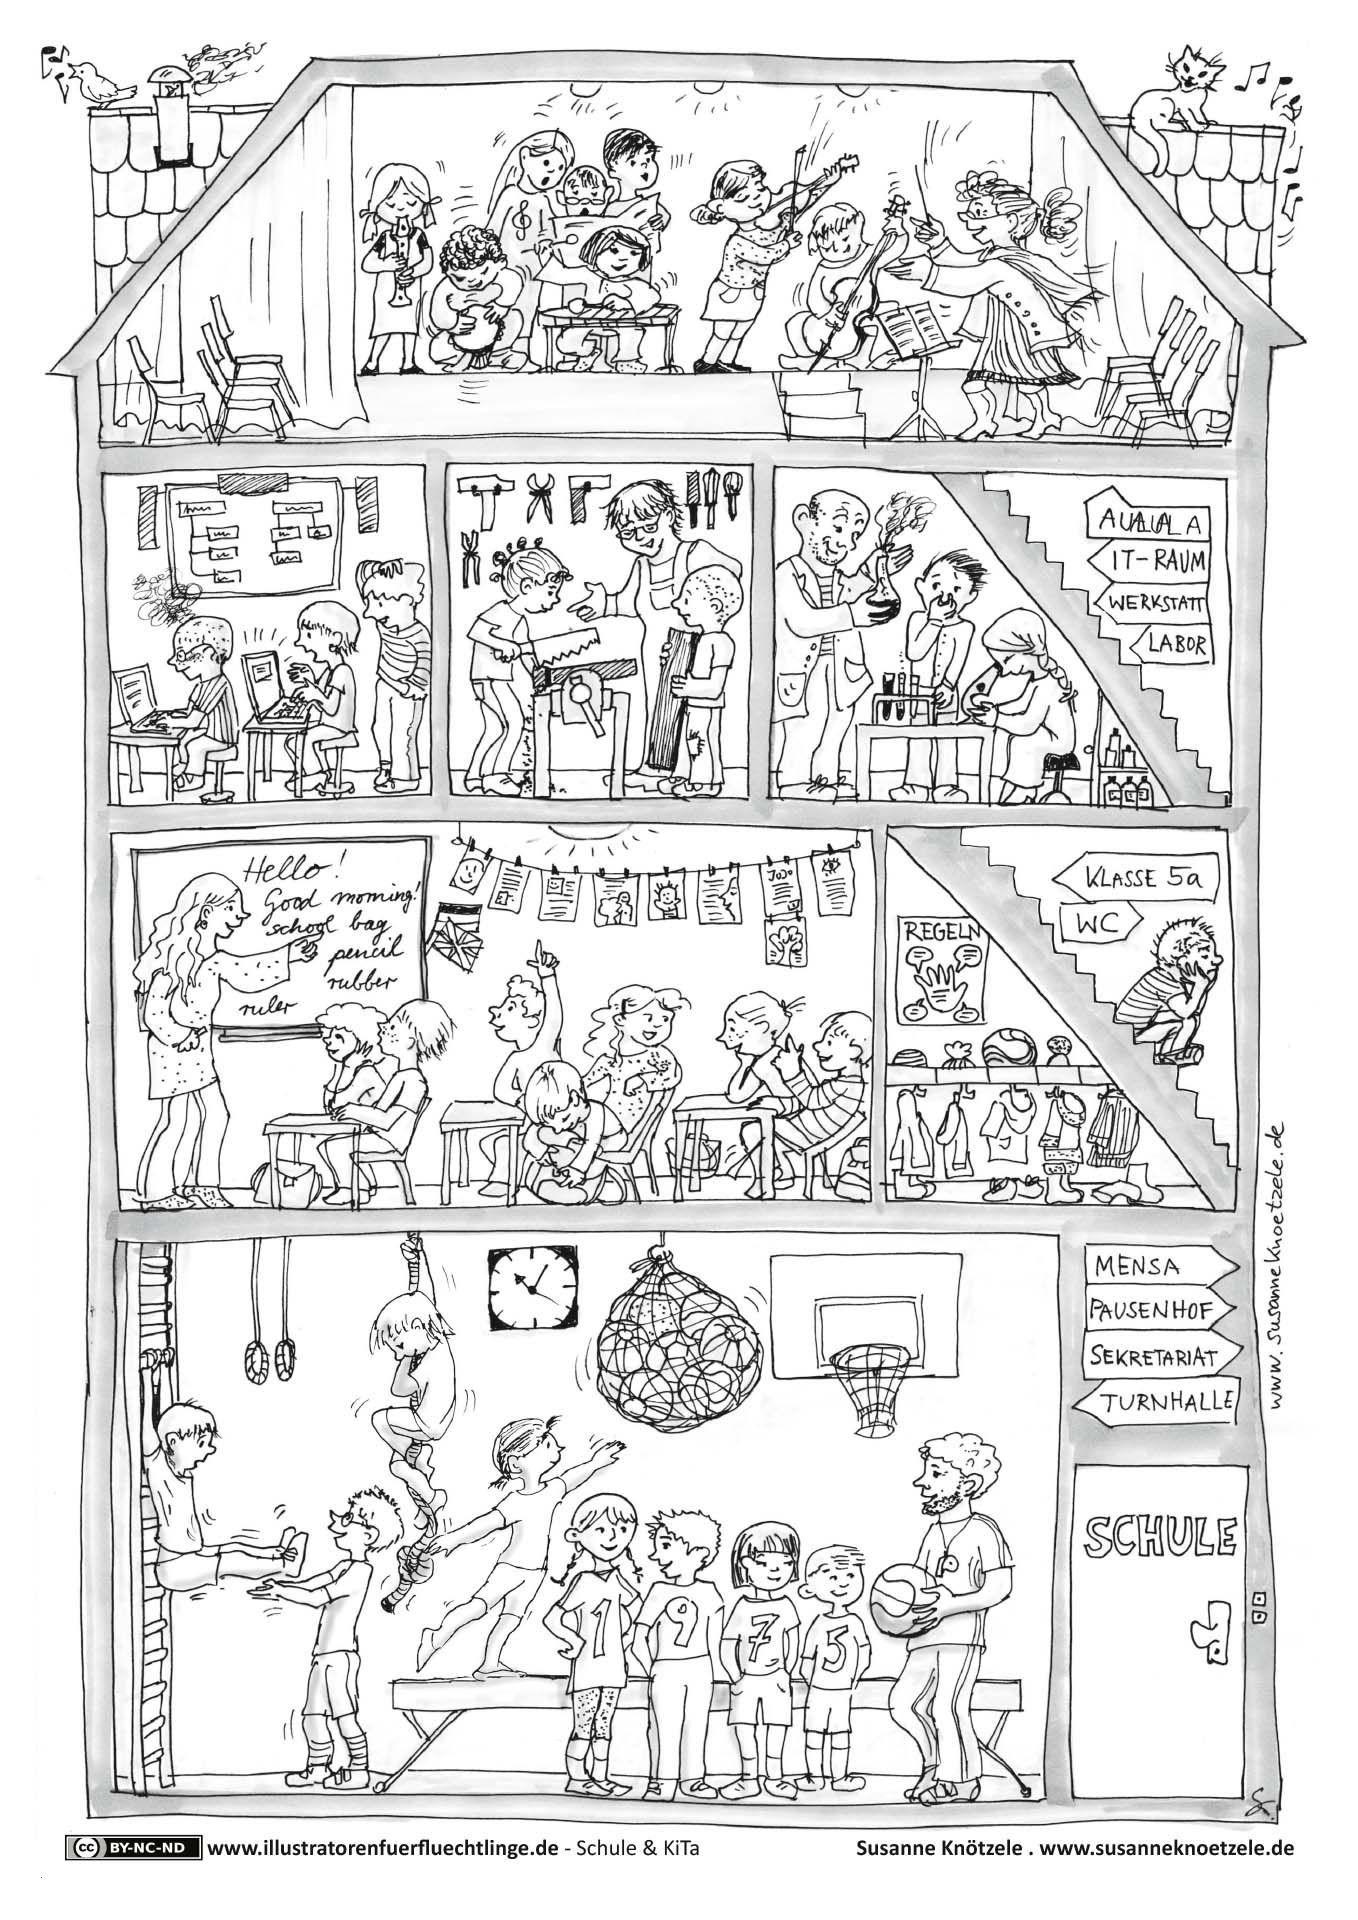 Baby Ohnezahn Ausmalbilder Inspirierend Tinkerbell Rosetta Ausmalbilder Fresh Scoredatscore Page 113 144 Galerie